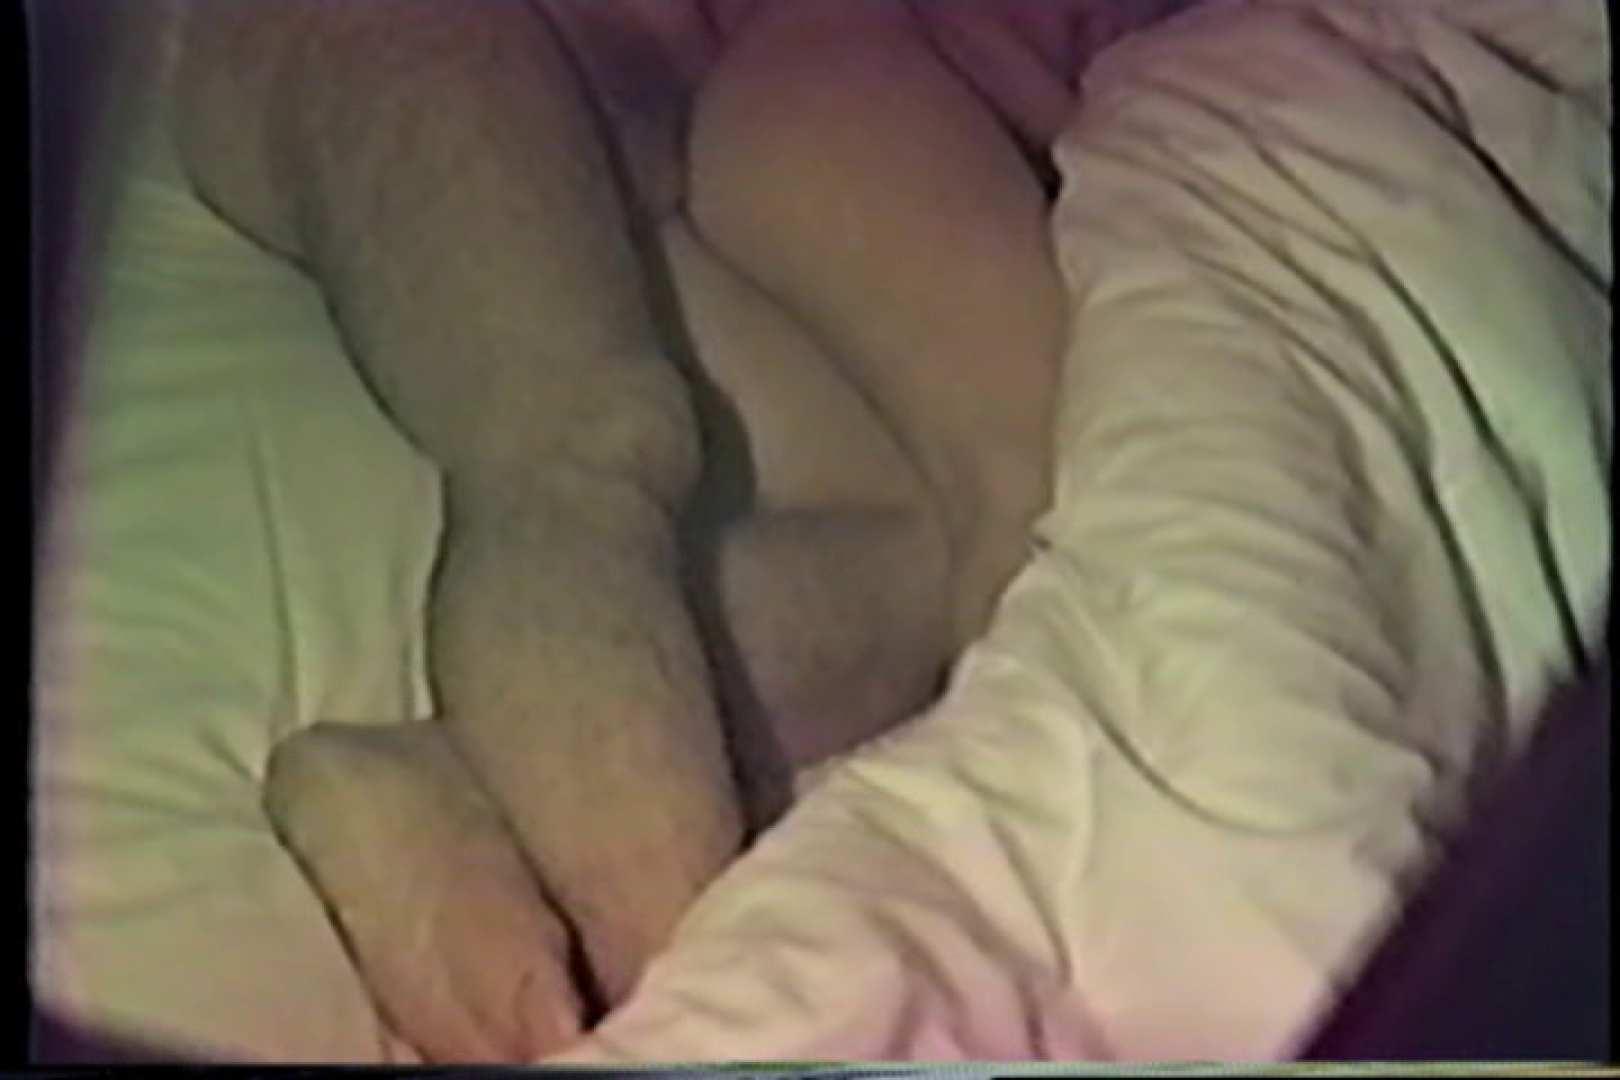 実録!ラブホテル~消し忘れ注意!昭和の色編~ vol.10 OLのプライベート オマンコ無修正動画無料 13pic 2